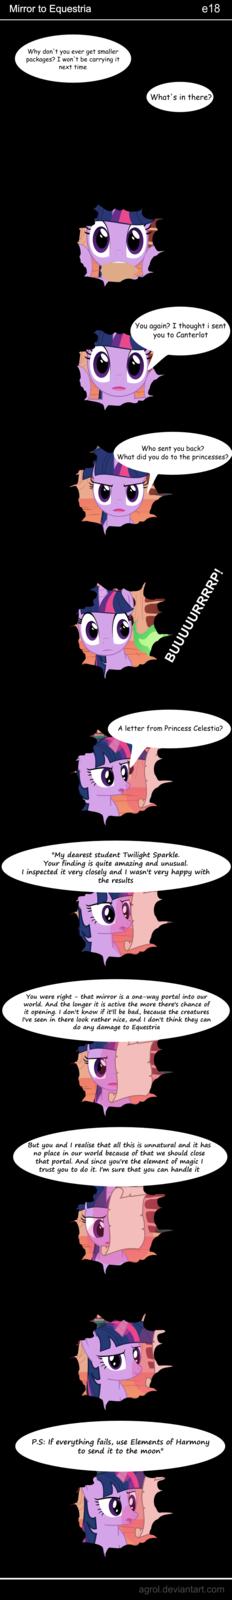 Mirror to Equestria 18